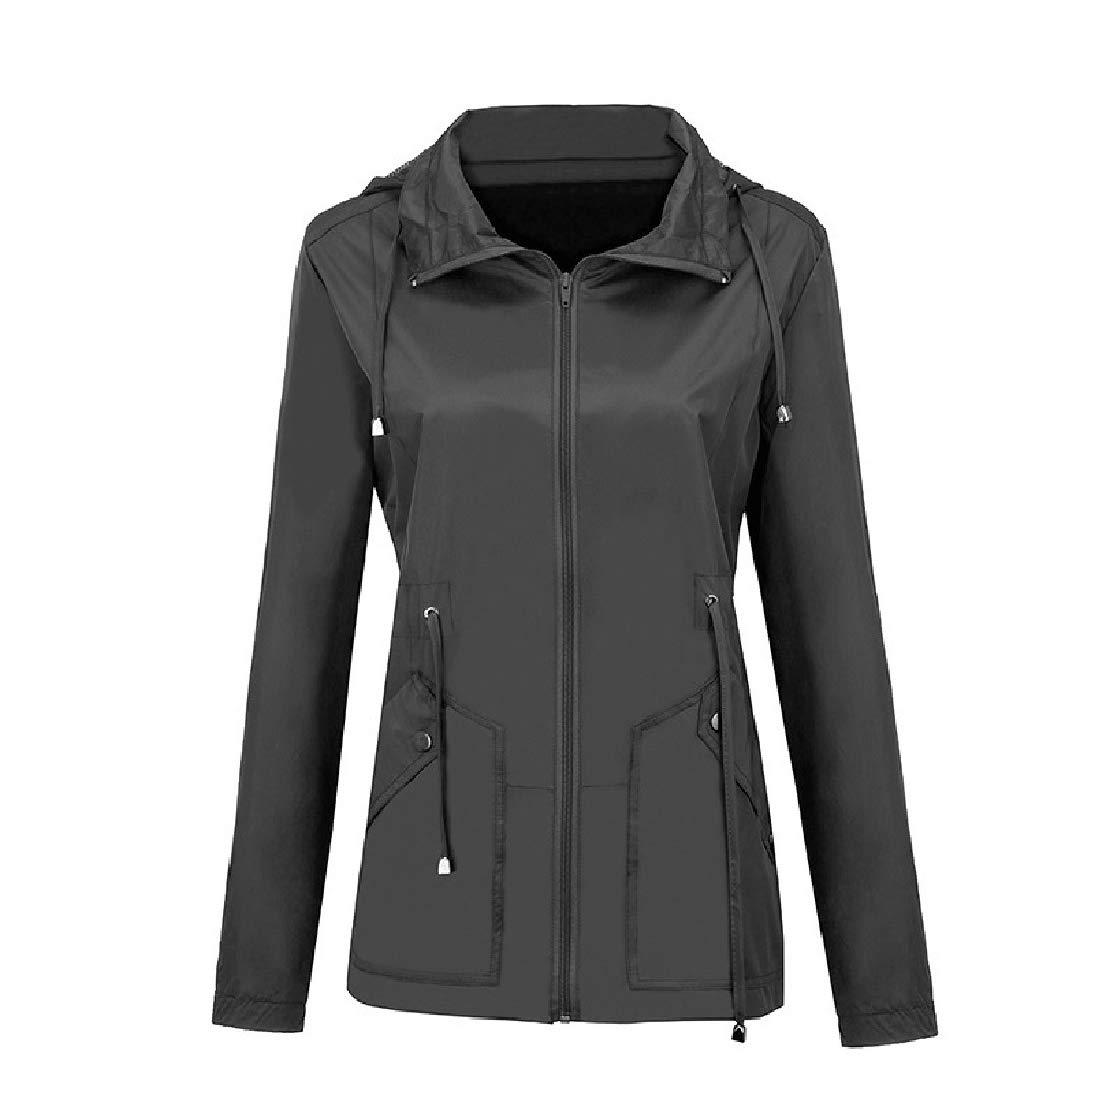 YUNY Womens Waterproof Hoodie Weekend Pure Color Elastic Biker Jacket Grey L